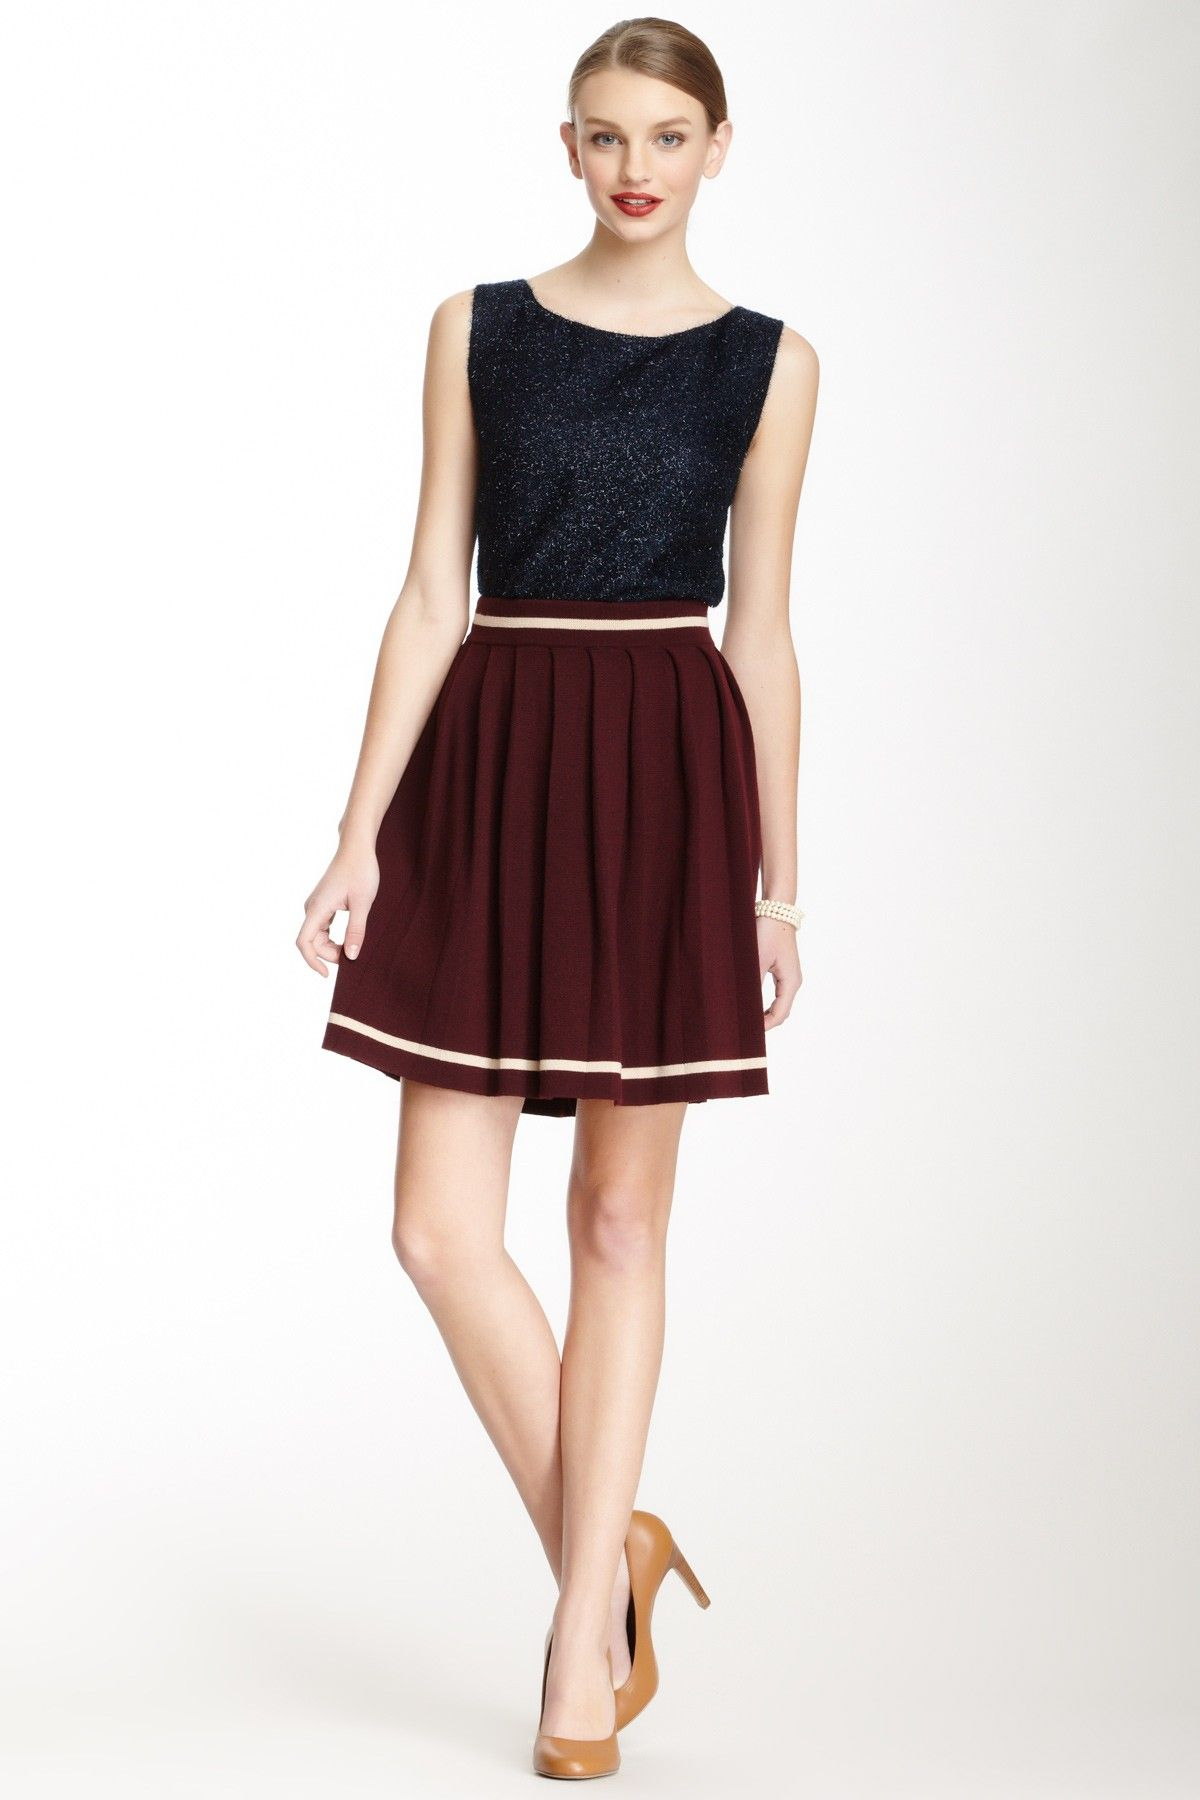 Orla Kiely Pleated Knit Wool Skirt on HauteLook